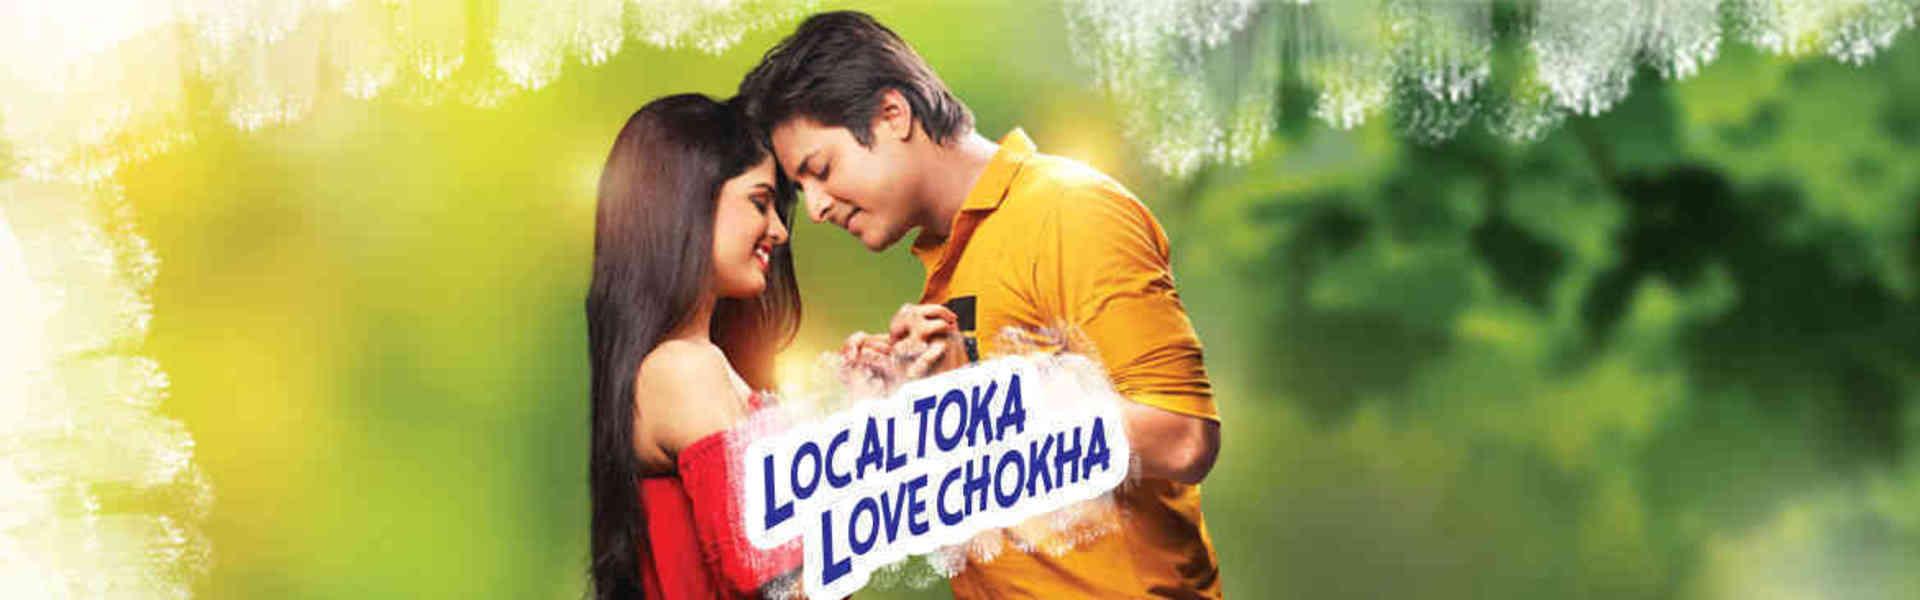 Local Toka Love Chokha